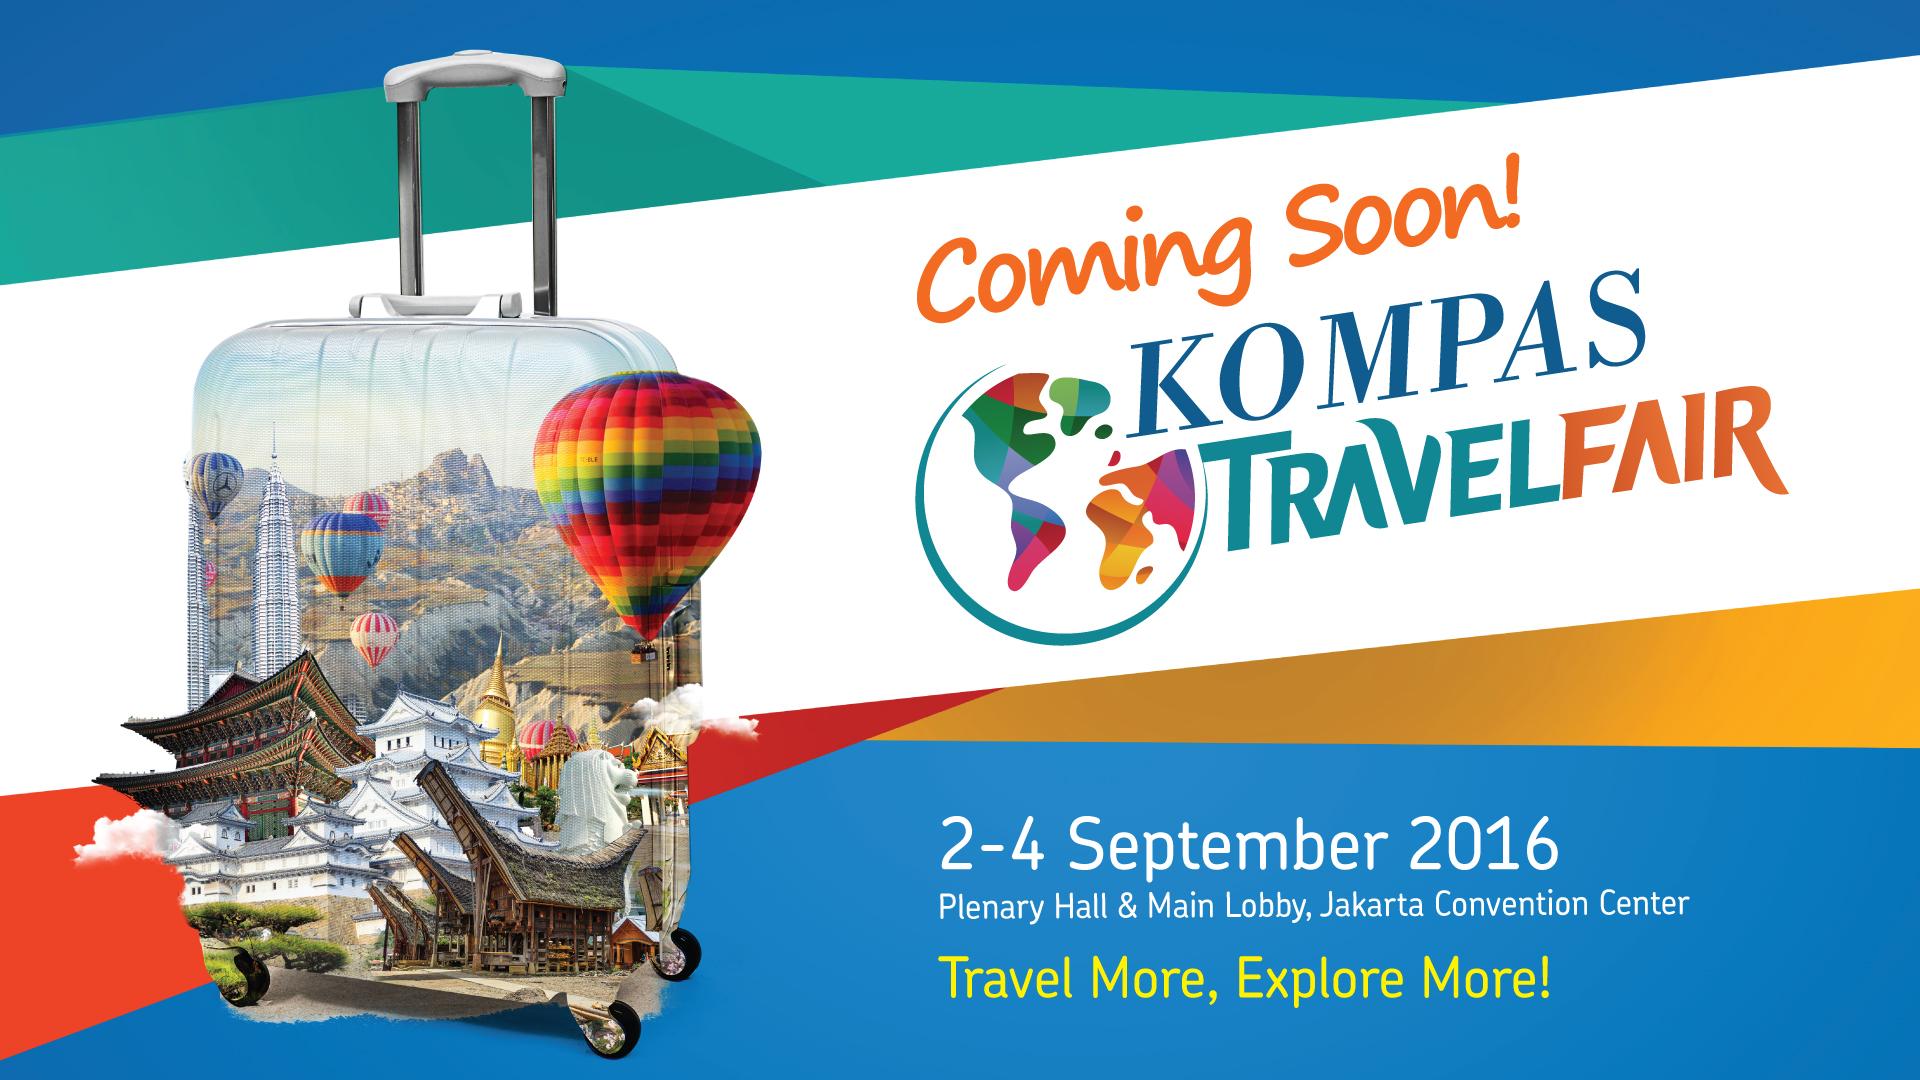 Kompas Travel Fair 2016 « Informasi Pameran, Event, dan Bazaar ...